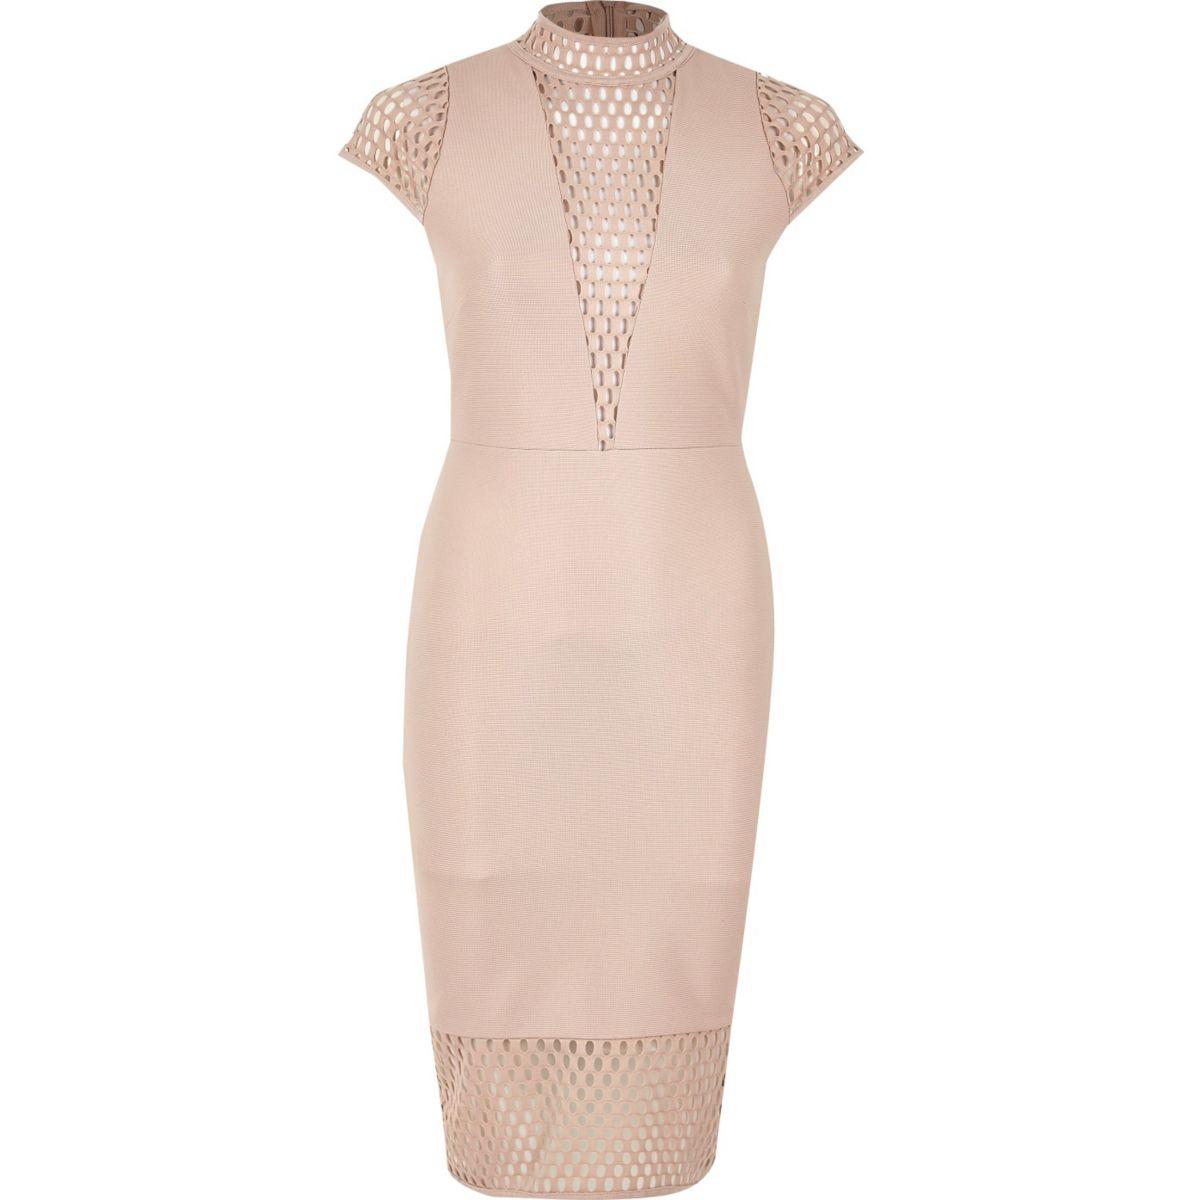 Pinkes Kleid mit Rollkragen